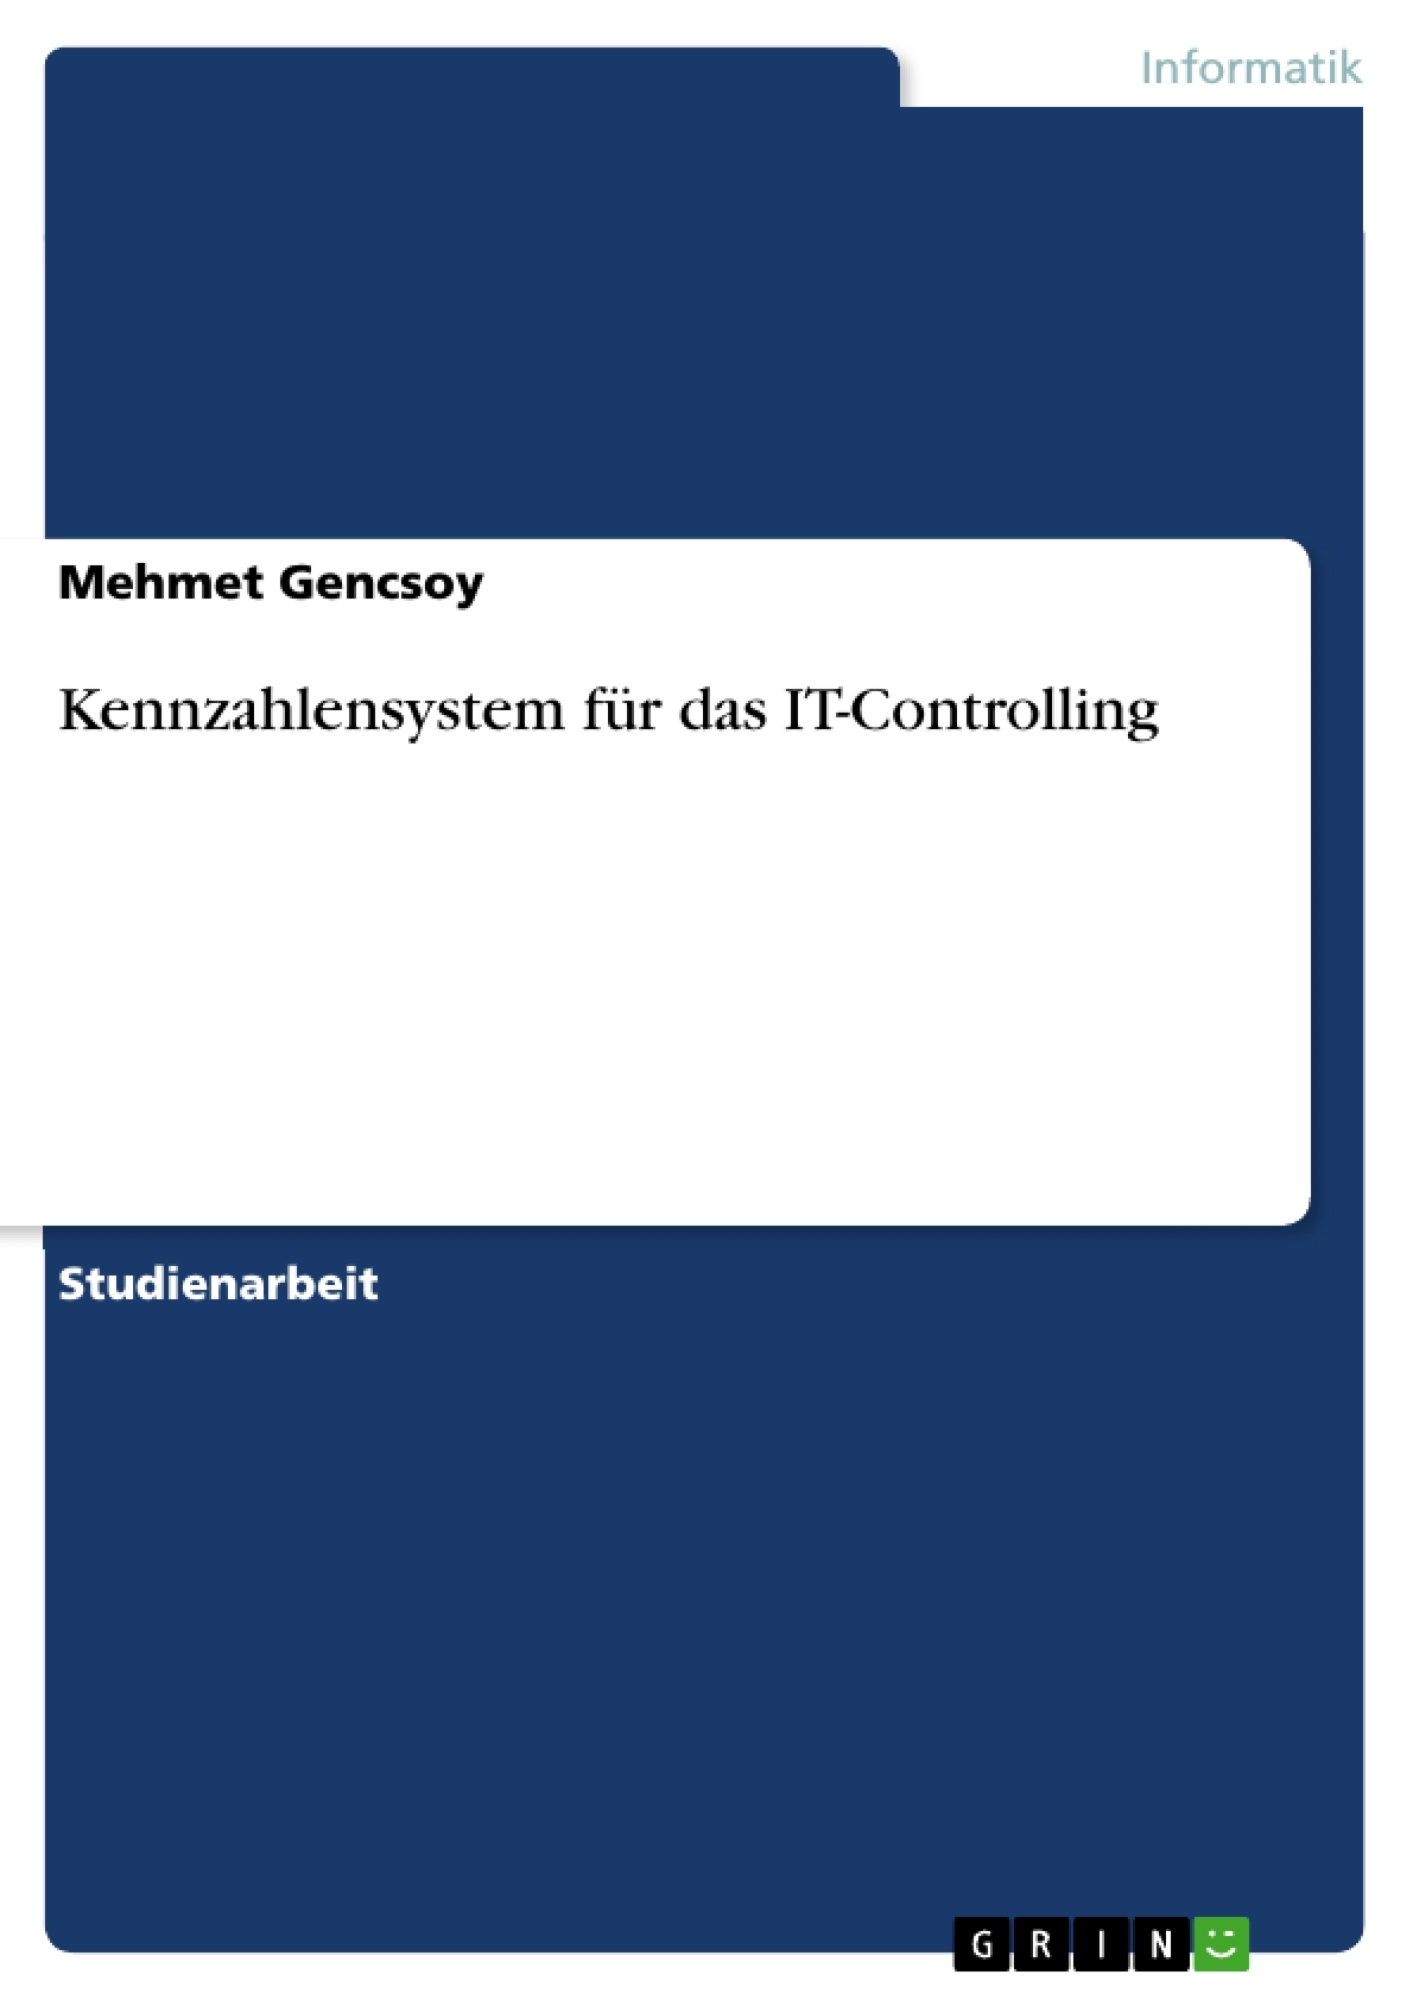 Titel: Kennzahlensystem für das IT-Controlling